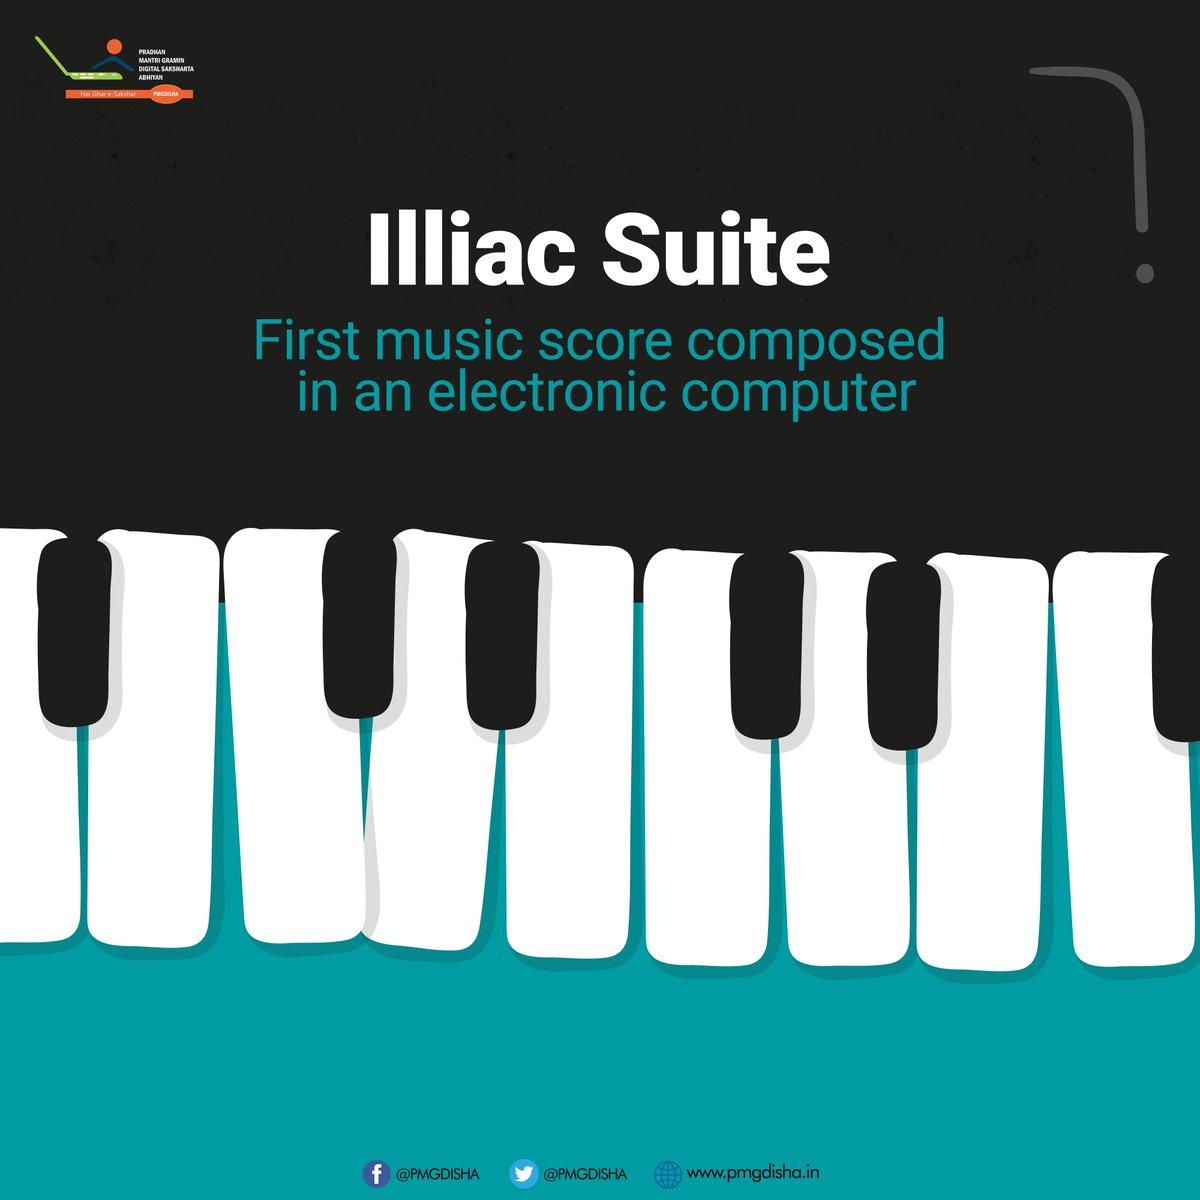 ILLIAC Suite